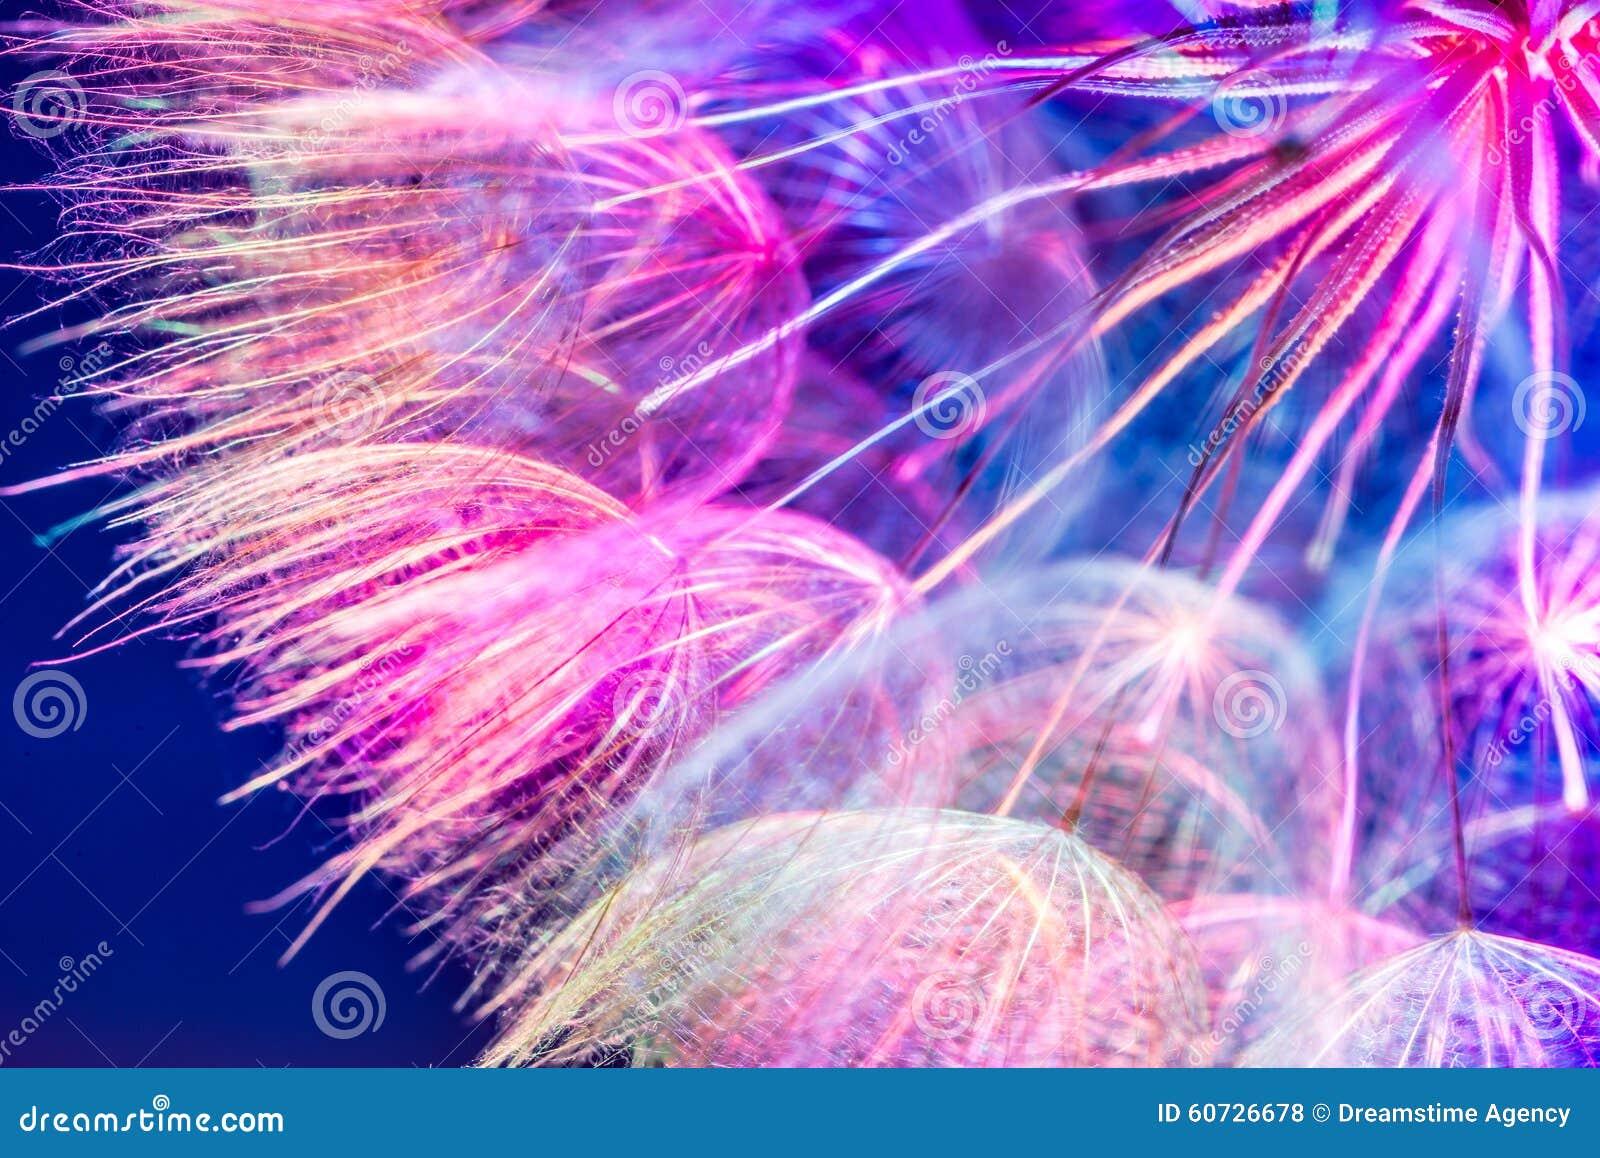 Kolorowy Różowy Pastelowy tło - żywy abstrakcjonistyczny dandelion flowe